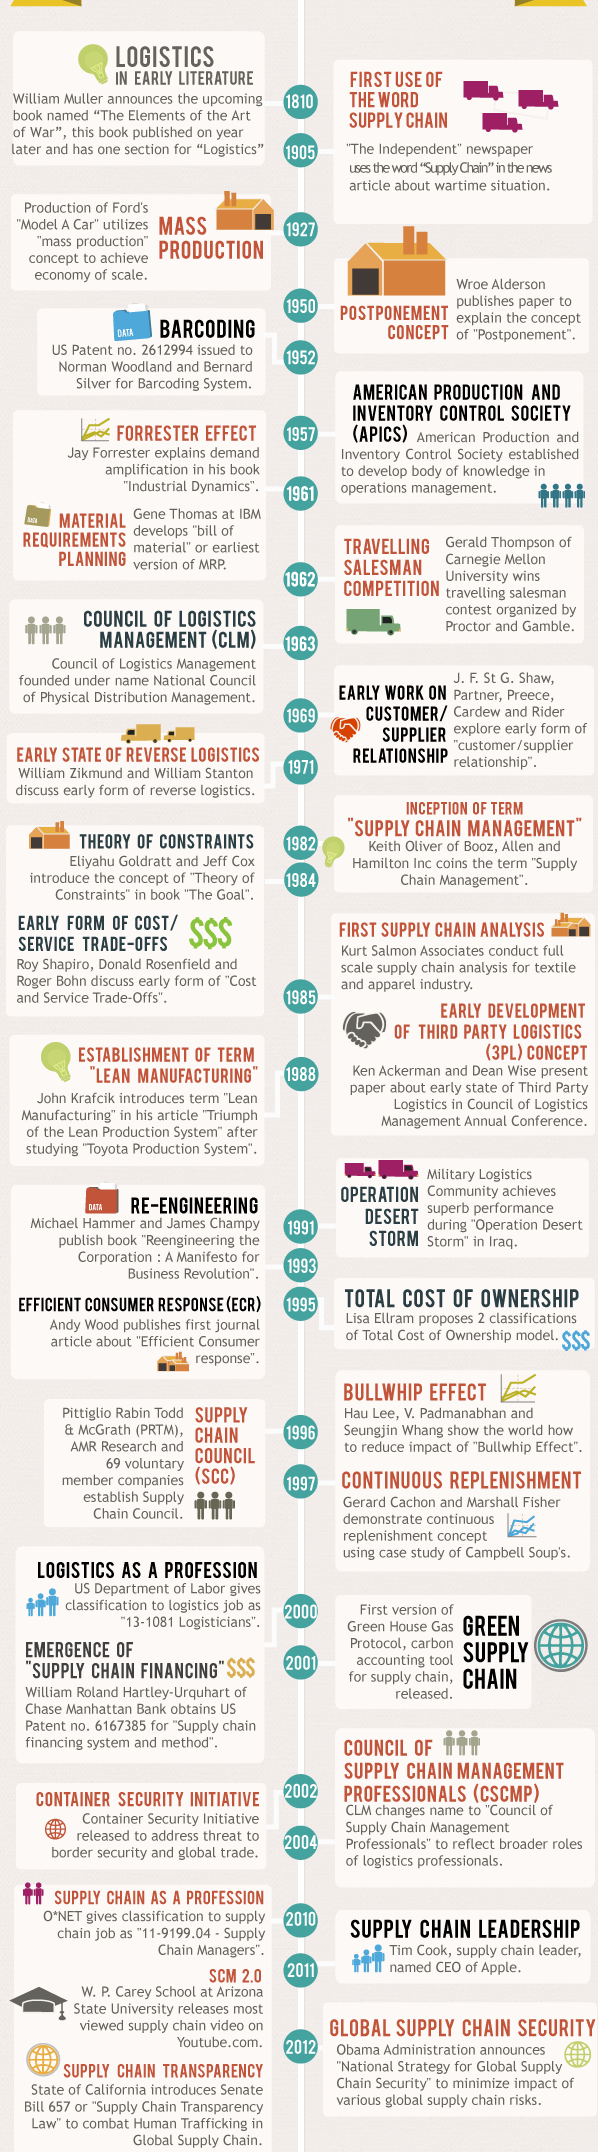 Phan biet logistics và supply chain 2